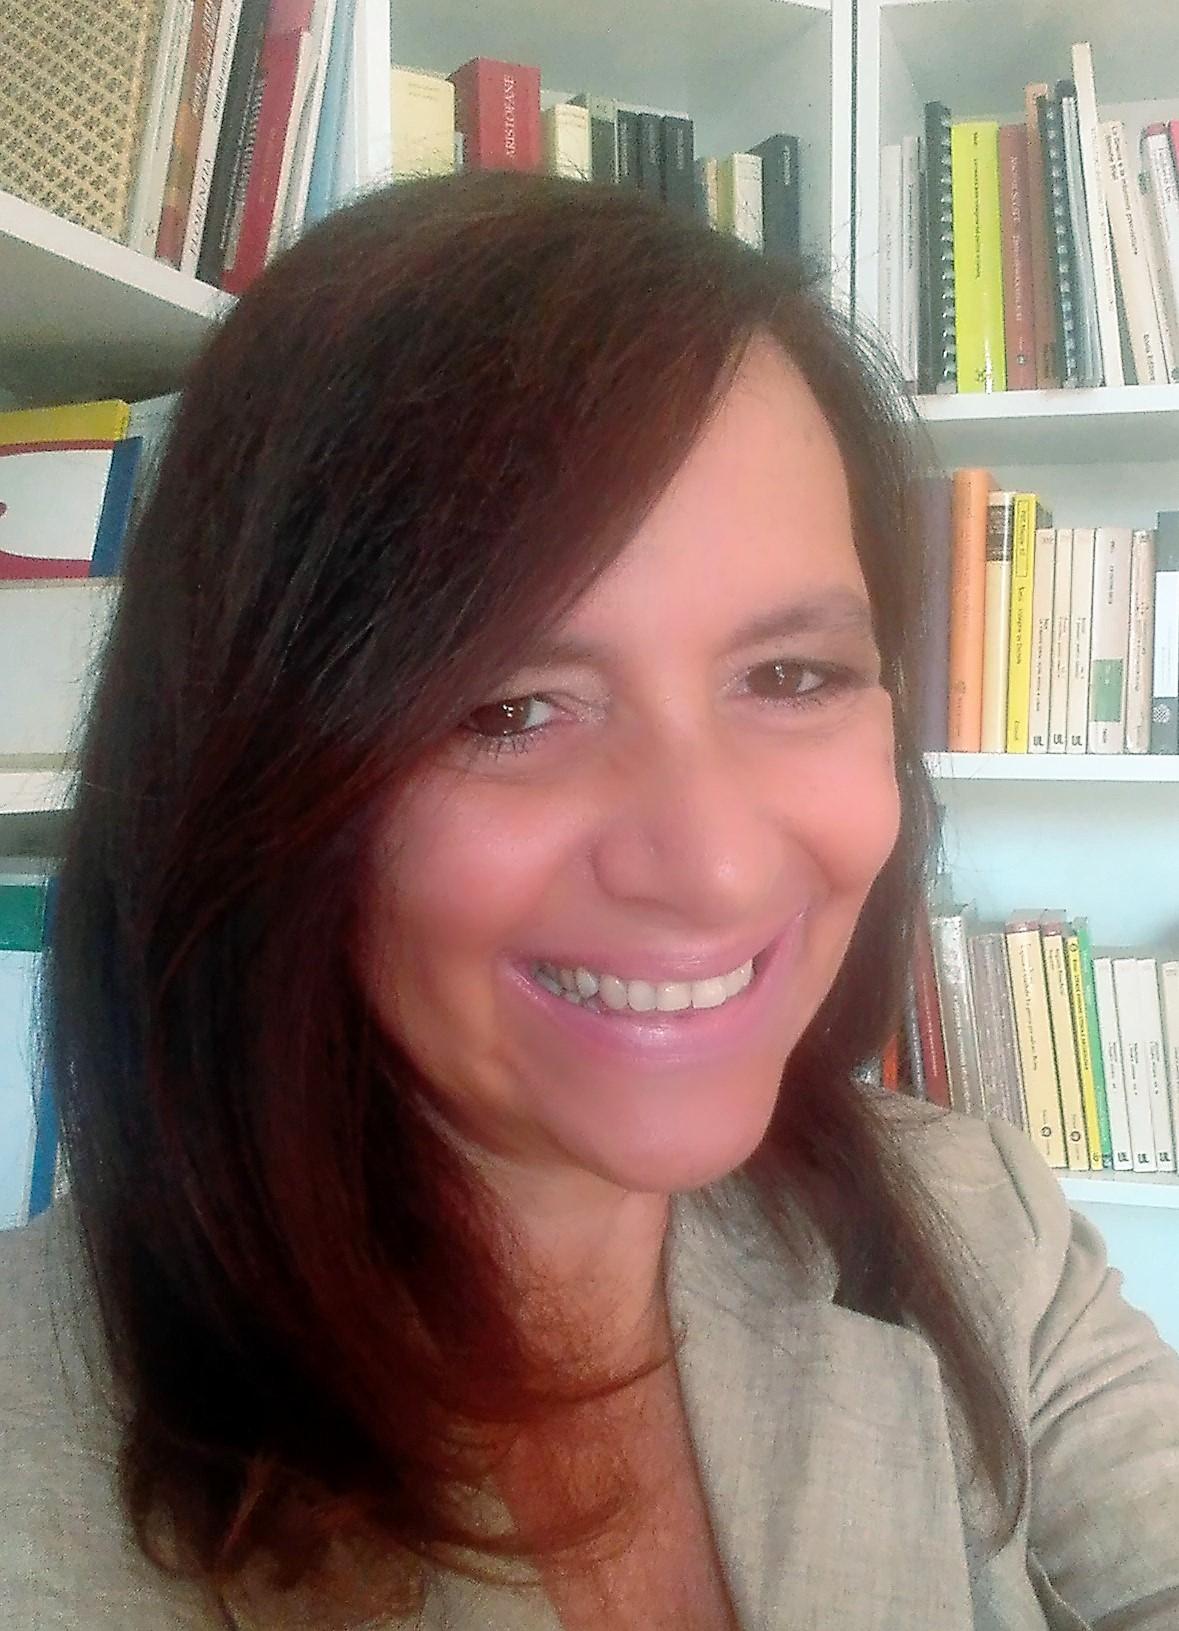 MARIA CHIARA MONACO